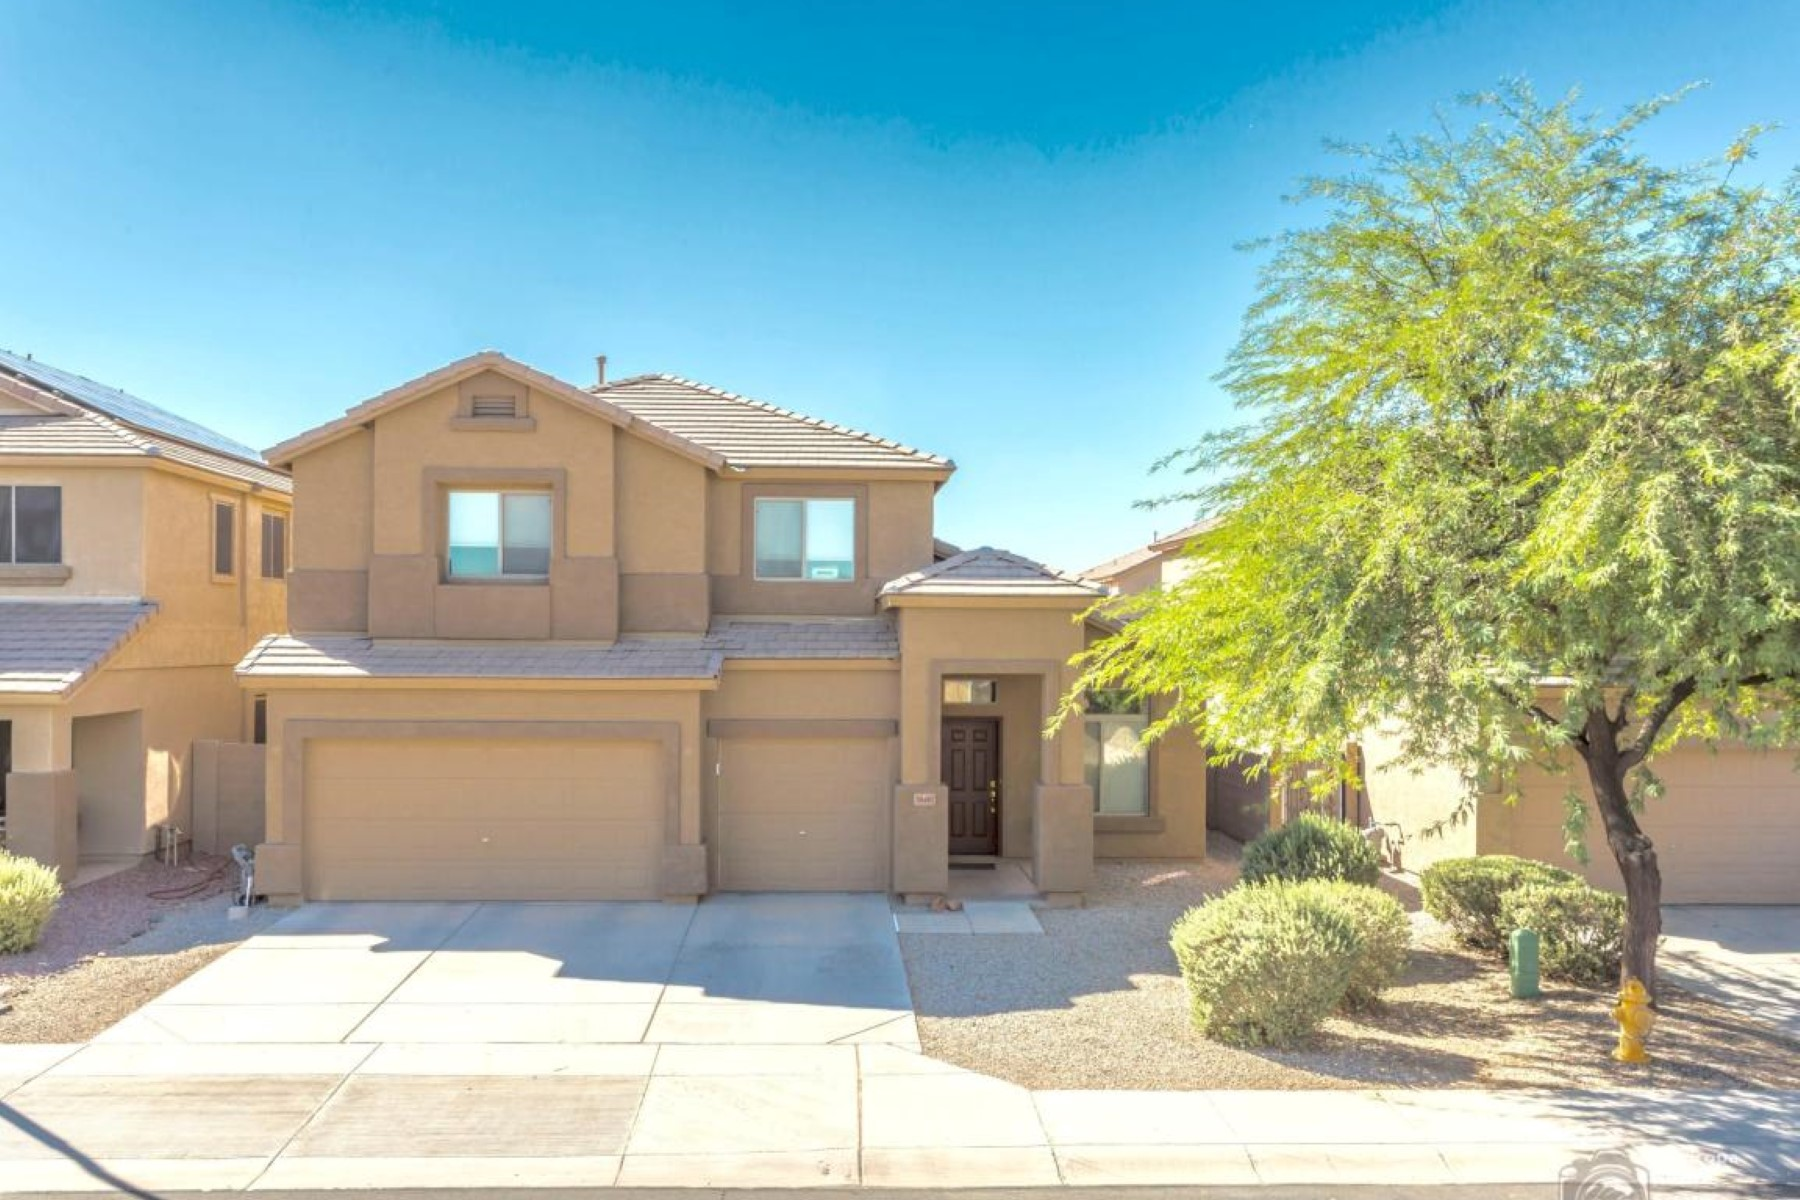 Casa para uma família para Venda às Spacious home with vaulted ceilings in all the right places 36487 W Costa Blanca Dr Maricopa, Arizona 85138 Estados Unidos